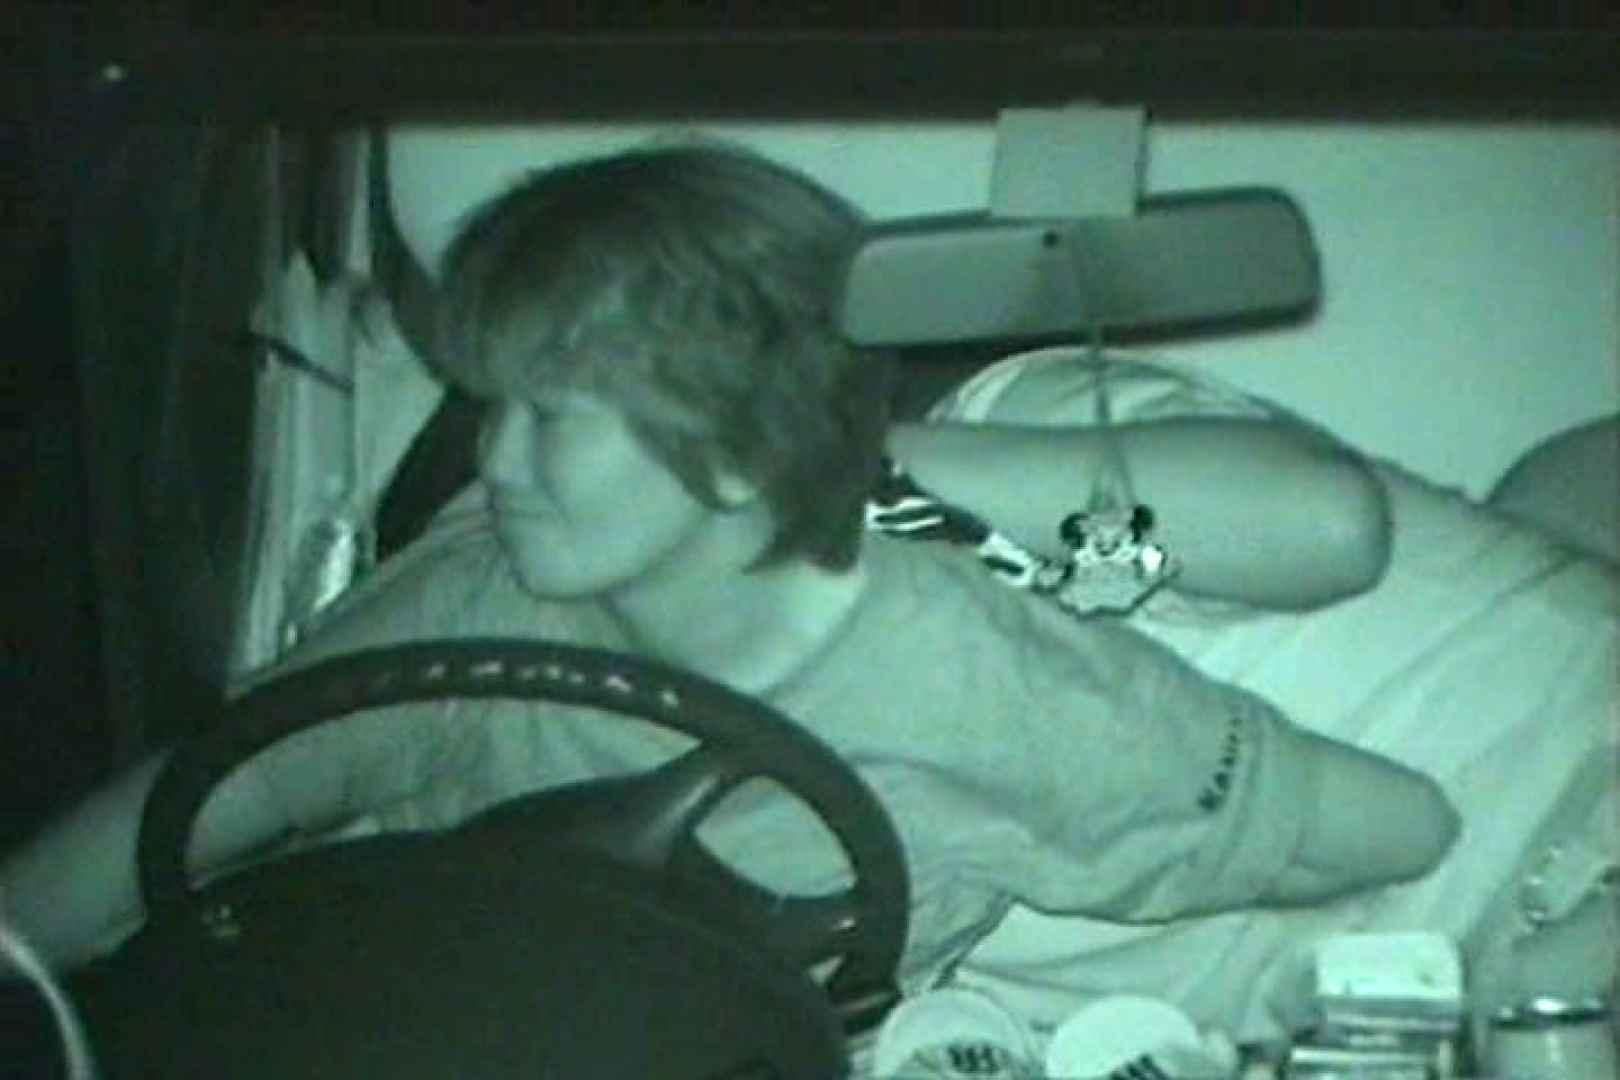 車の中はラブホテル 無修正版  Vol.25 セックス AV無料動画キャプチャ 103PIX 76